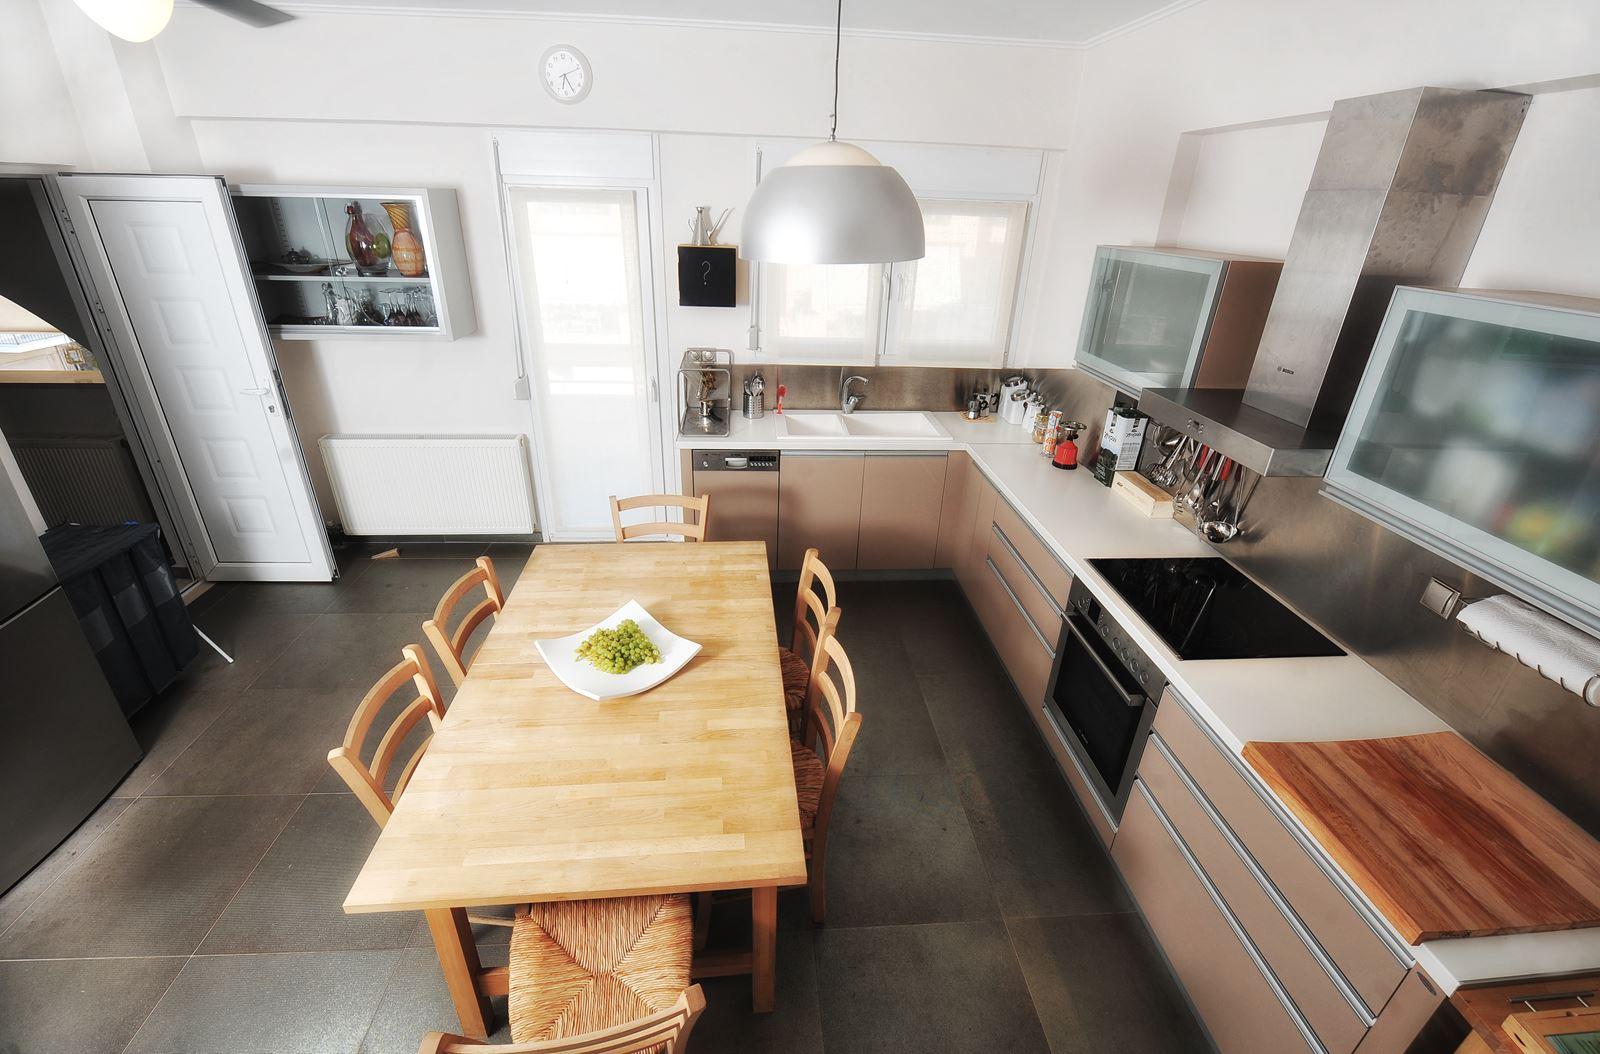 Top stunning cucine moderne per mansarde consigli with cucine per mansarde - Cucine per mansarde basse ...